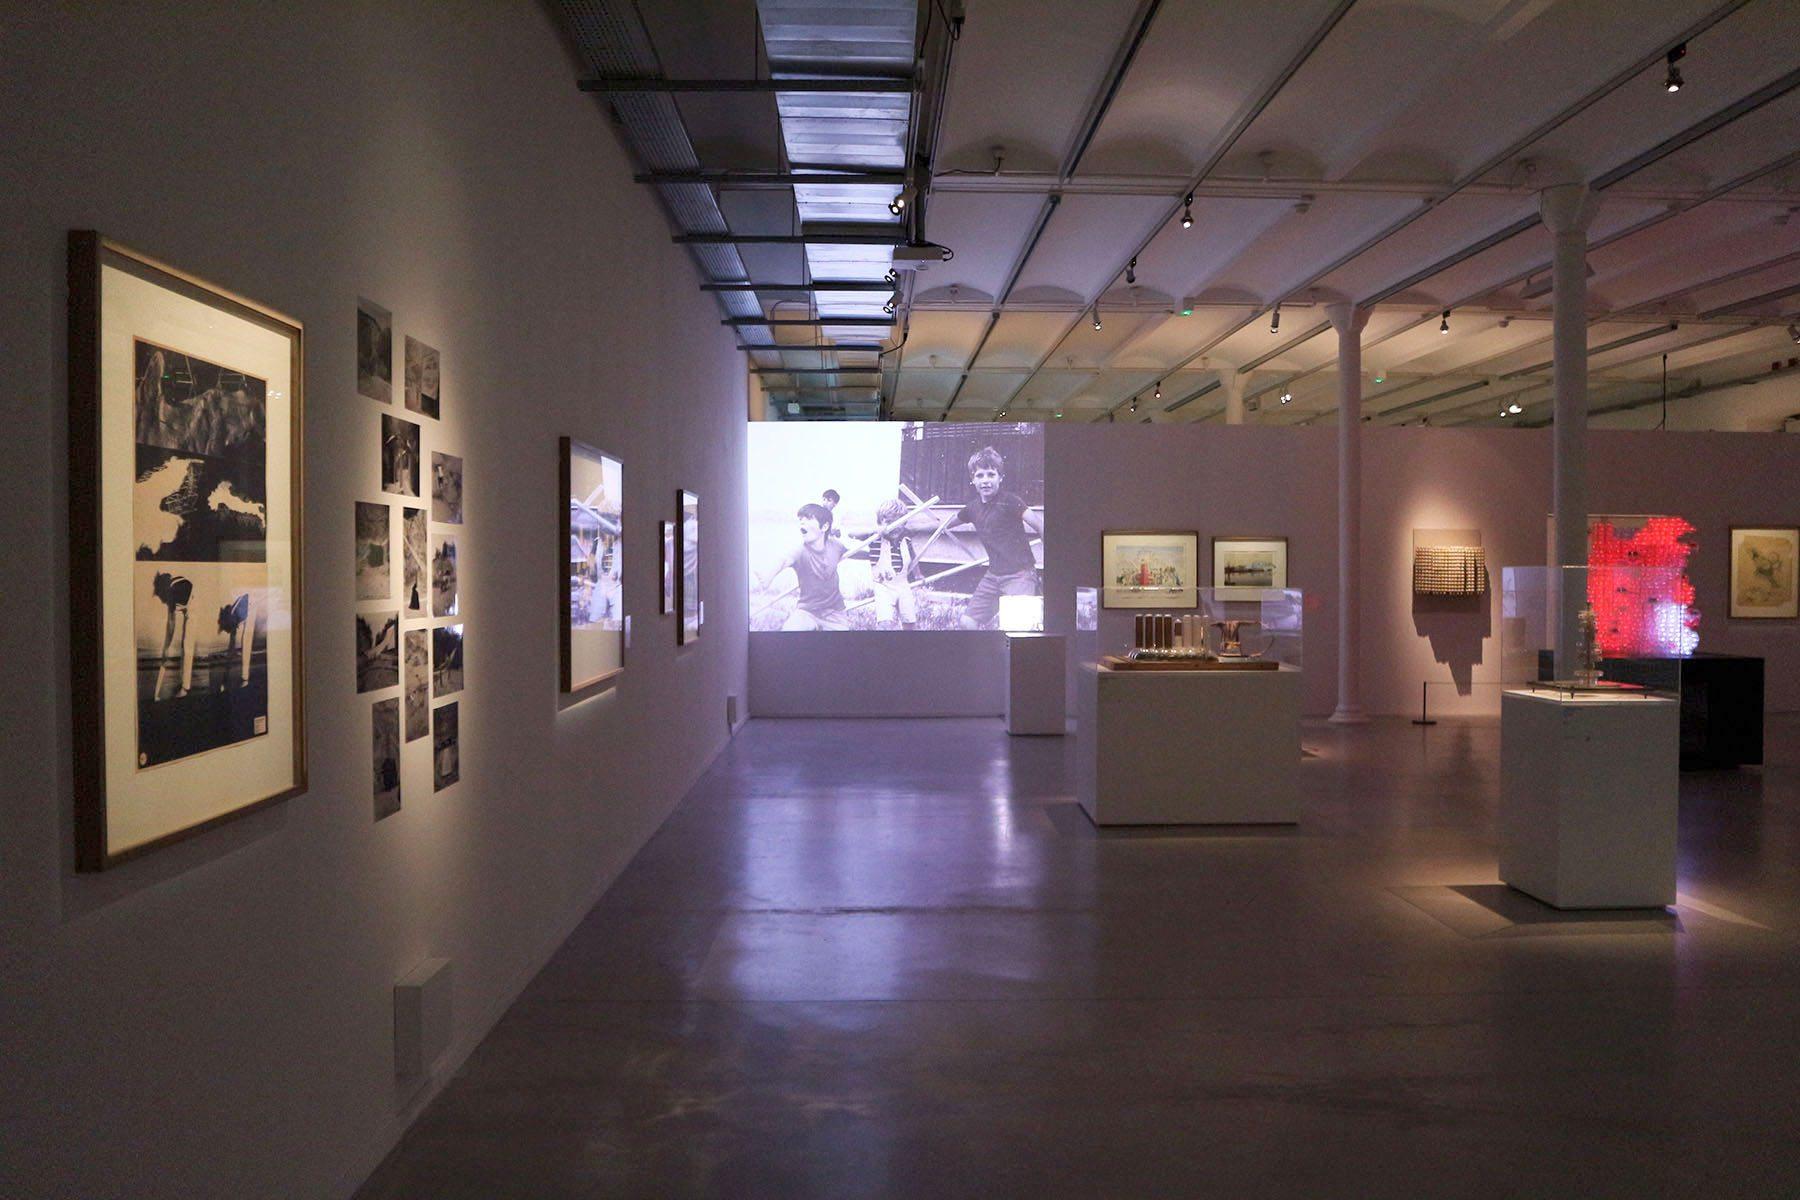 FRAC Centre-Val de Loire. Damani und Galofaro begreifen die Biennale selbst als eine verdichtete Assemblage verschiedener Ideen, die ein Mosaik der Realität rekonstruiert.